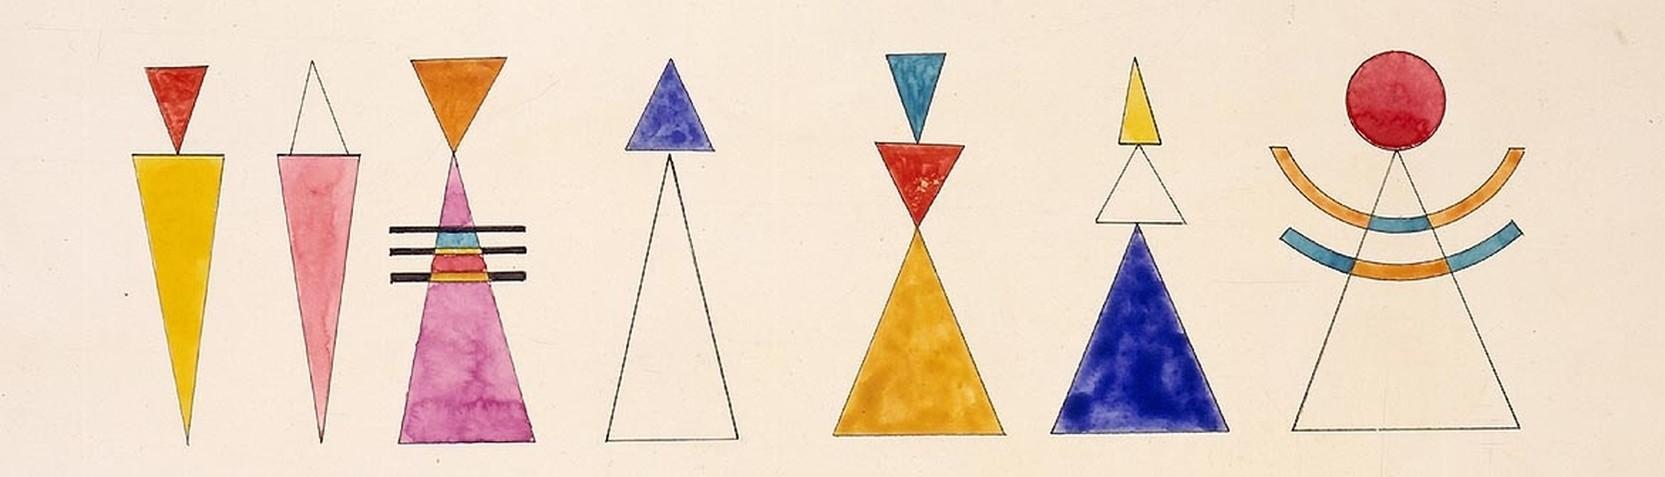 Konstnärer - Wassily Kandinsky